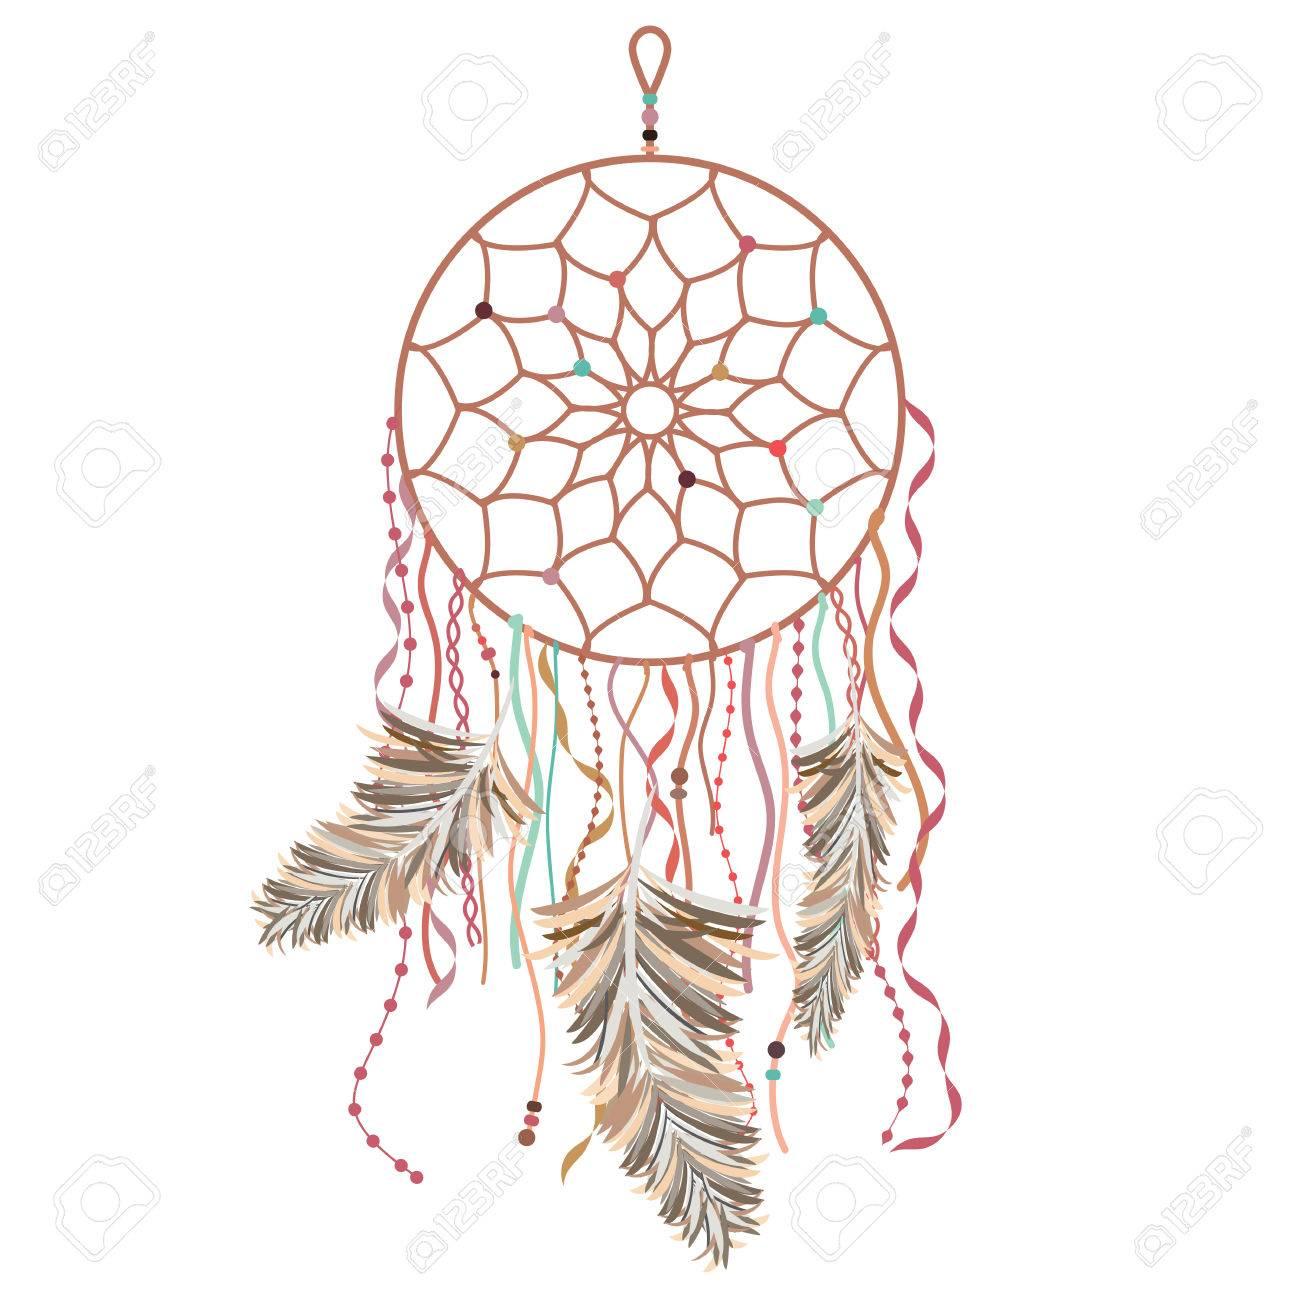 Illustration Vectorielle De Capteur De Reve Decore Dans Un Style Tribal Avec Plumes Perles En Rose Pale Et Marron Clip Art Libres De Droits Vecteurs Et Illustration Image 60720365